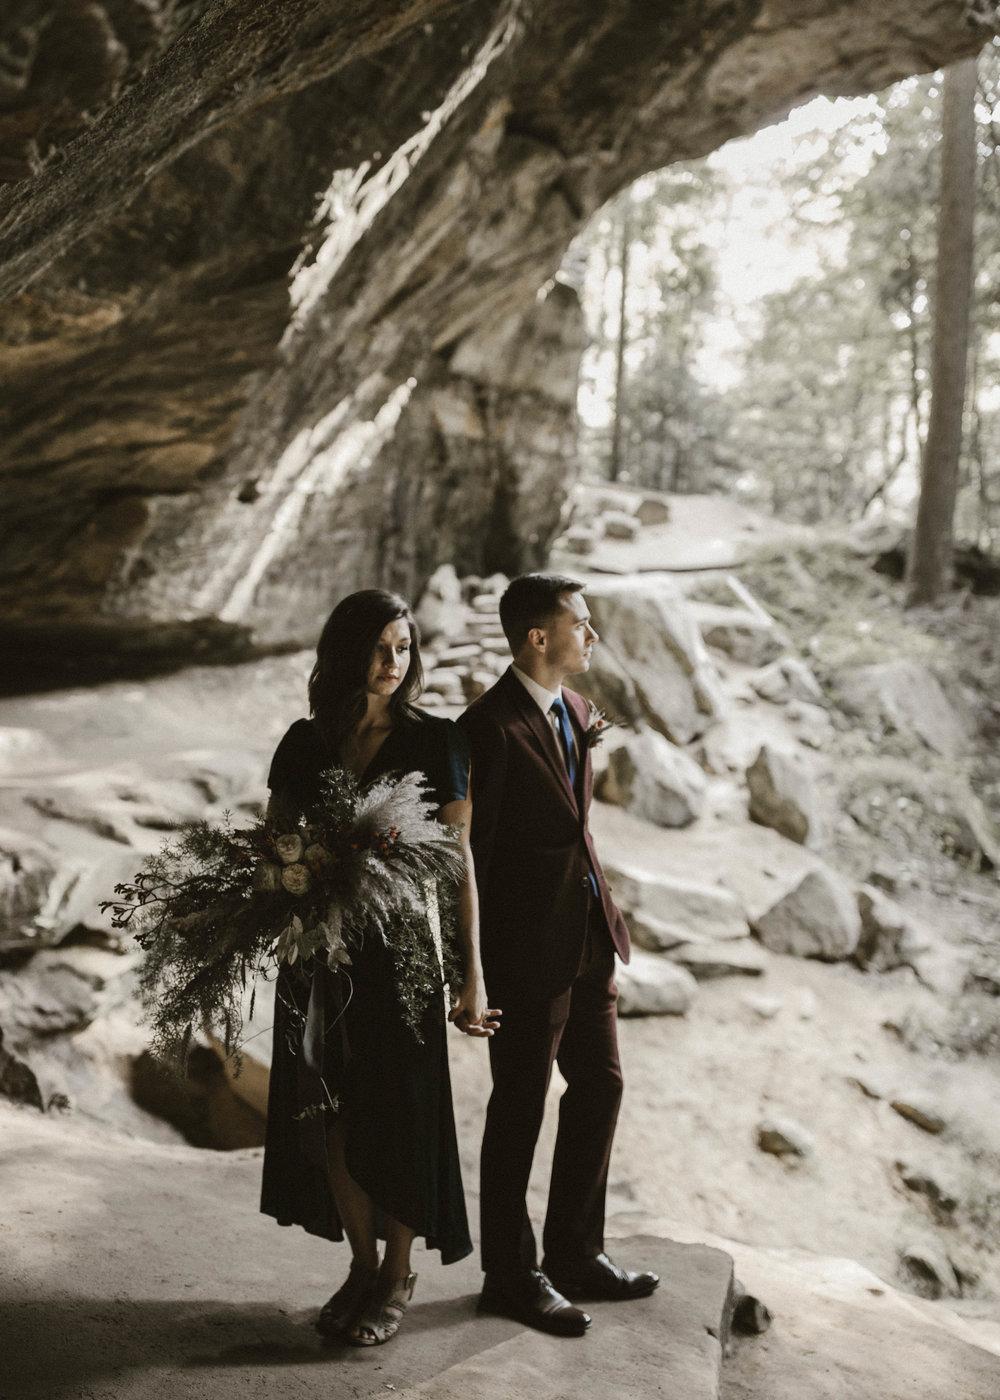 ariel-lynn-adventurous-film-elopement-inspo-14.jpg